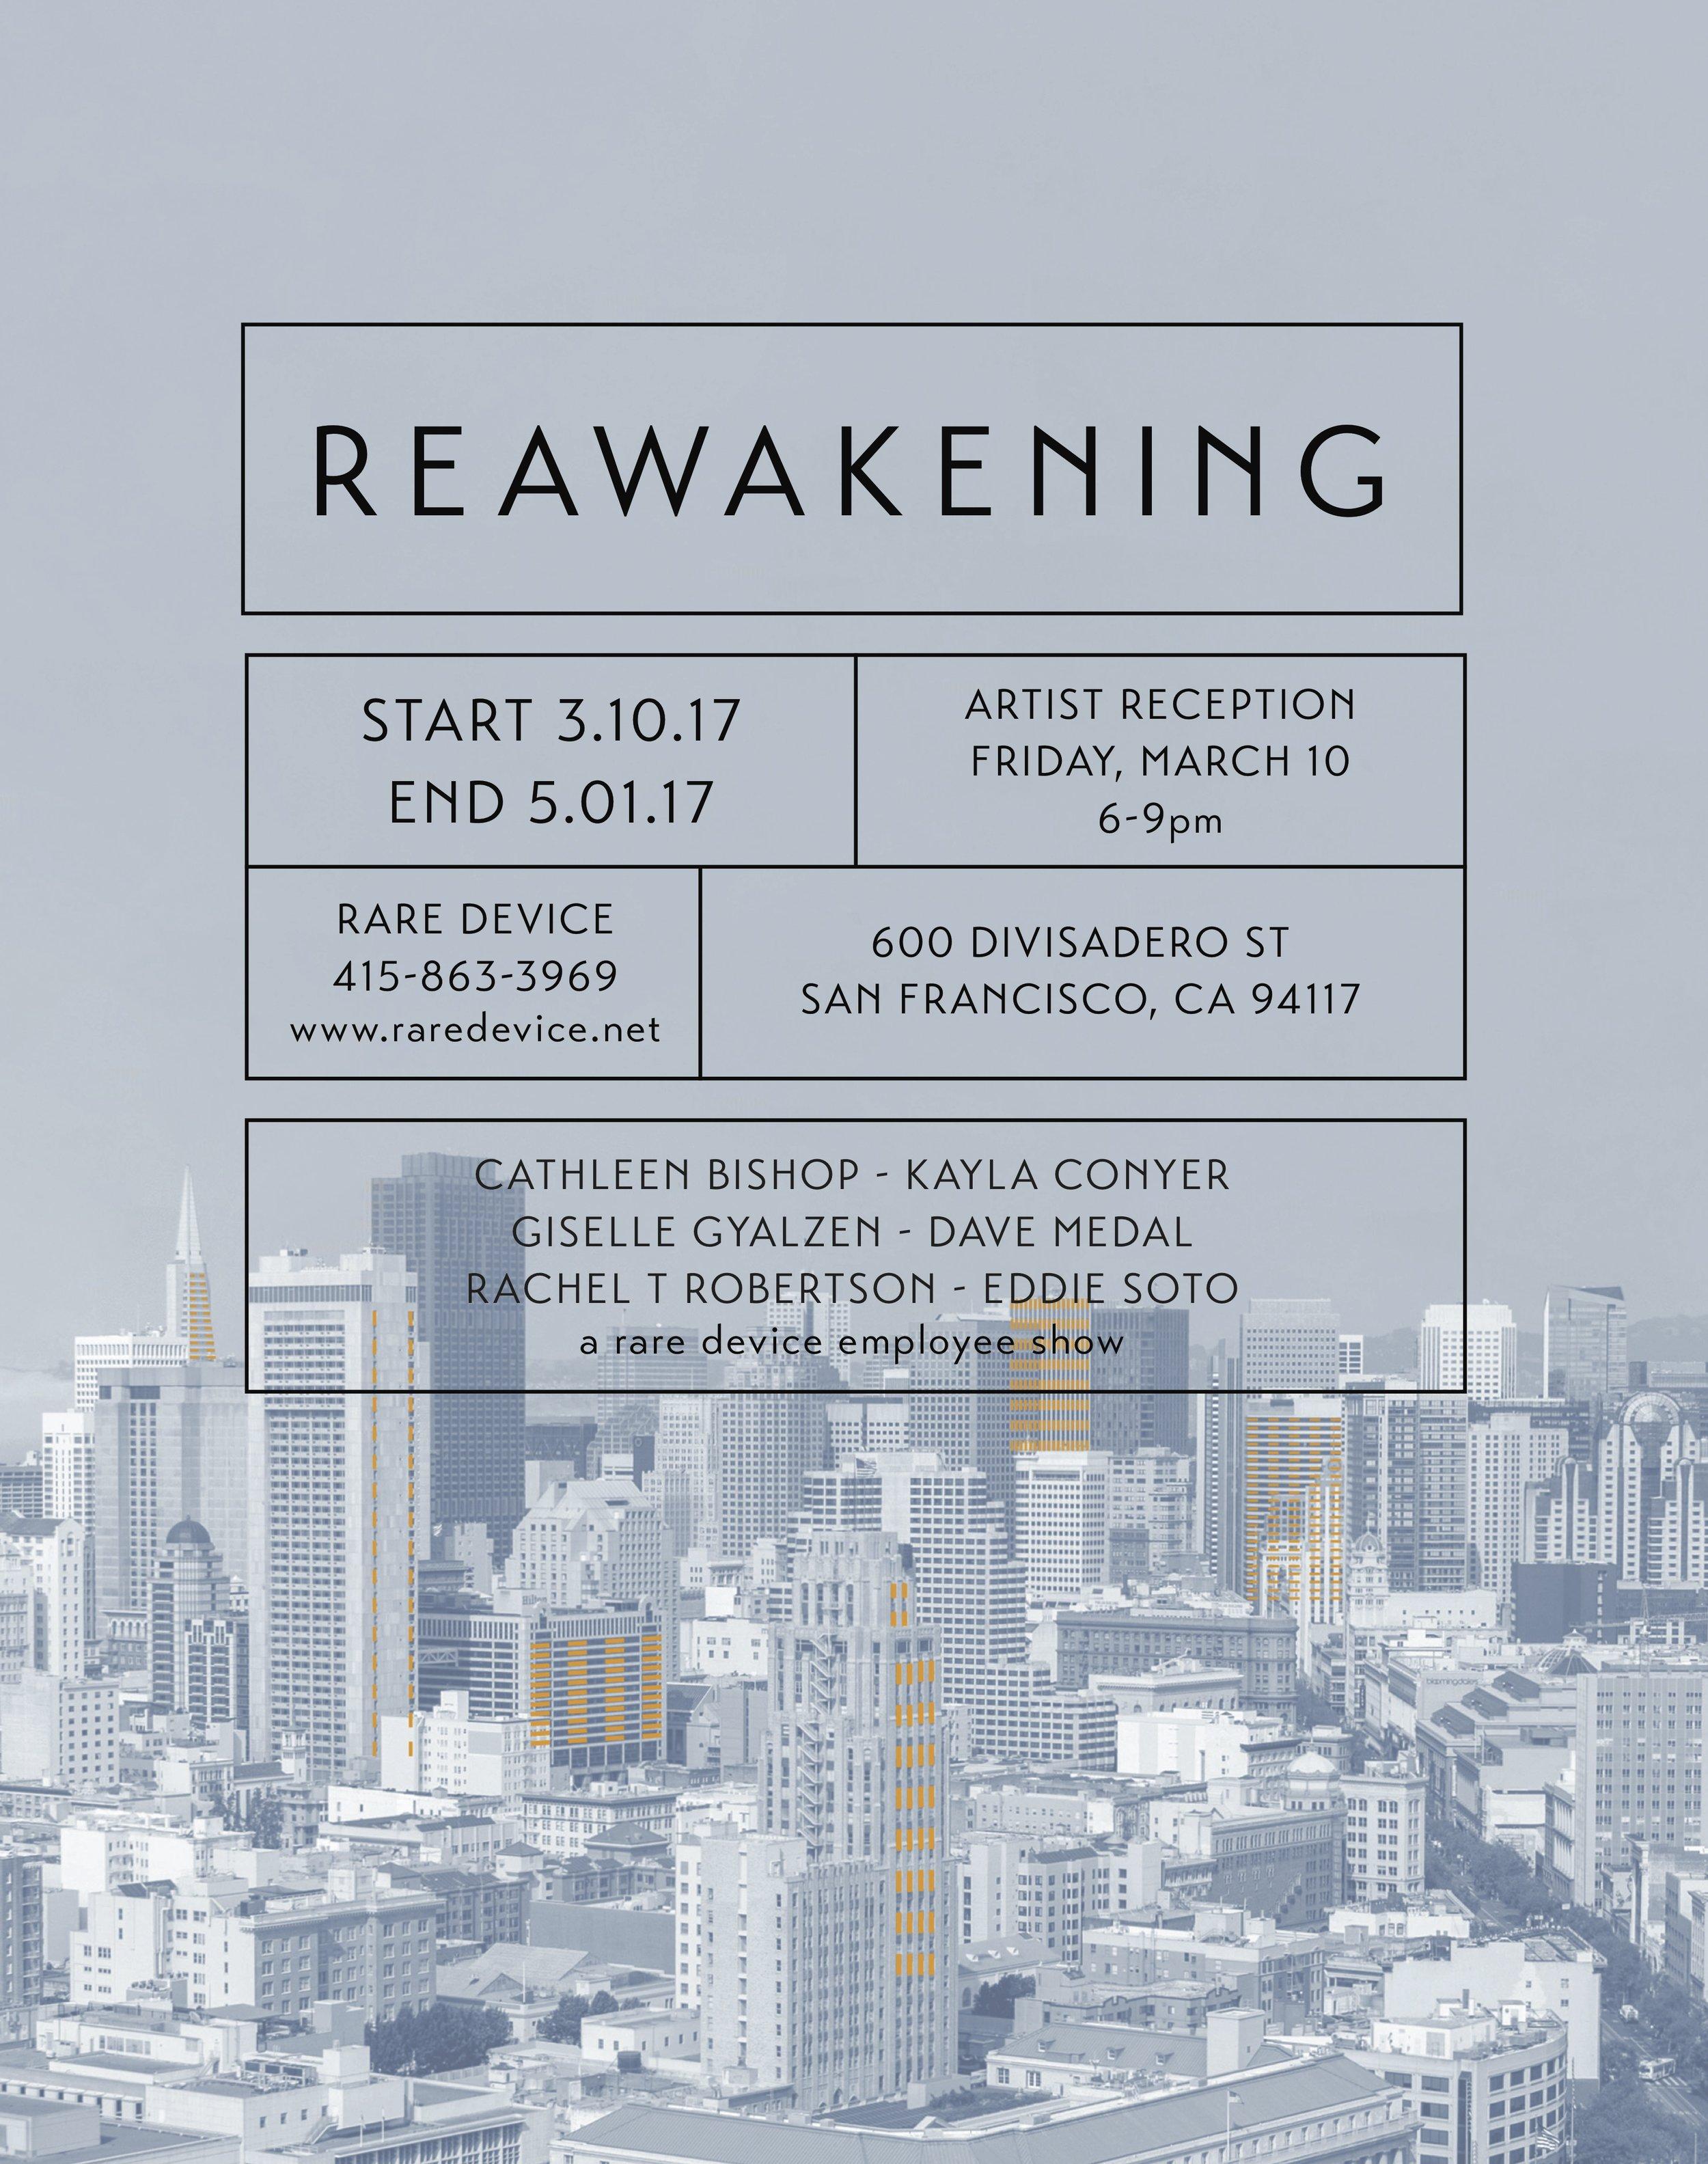 reawakening_poster_bigger.jpg